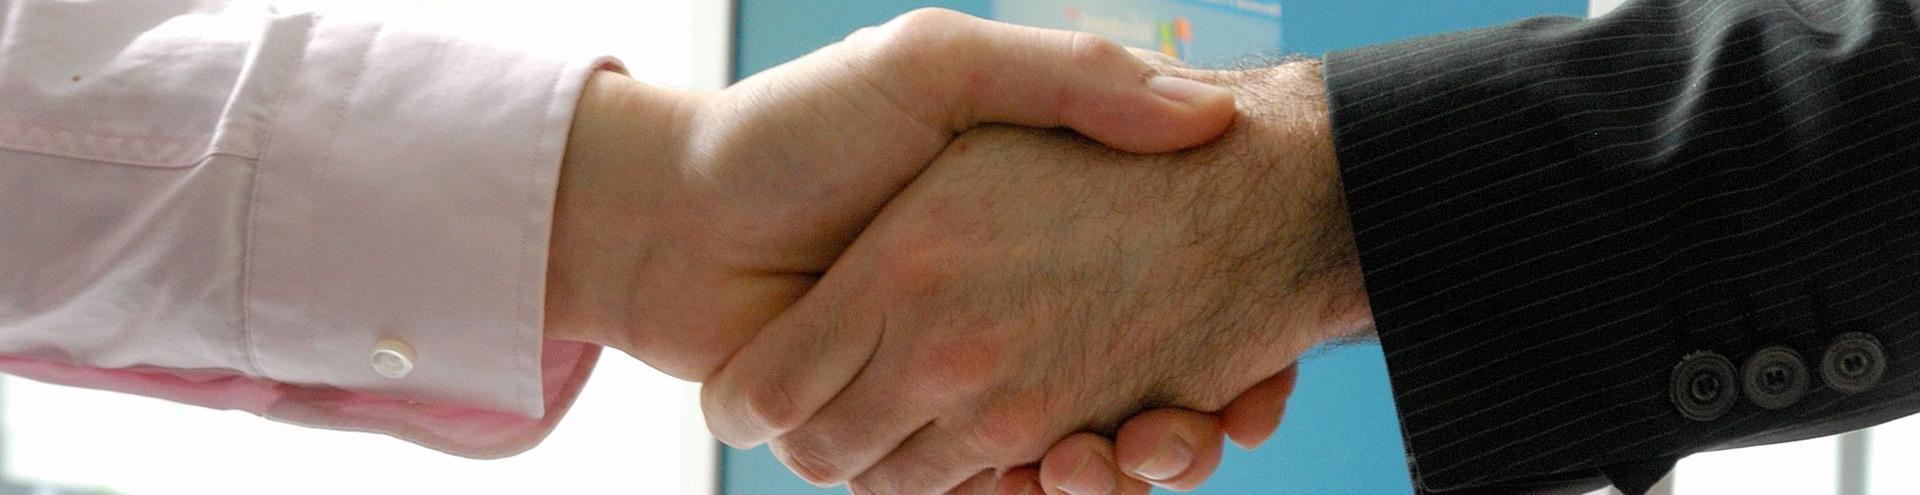 арбитражное урегулирование споров в Астрахани